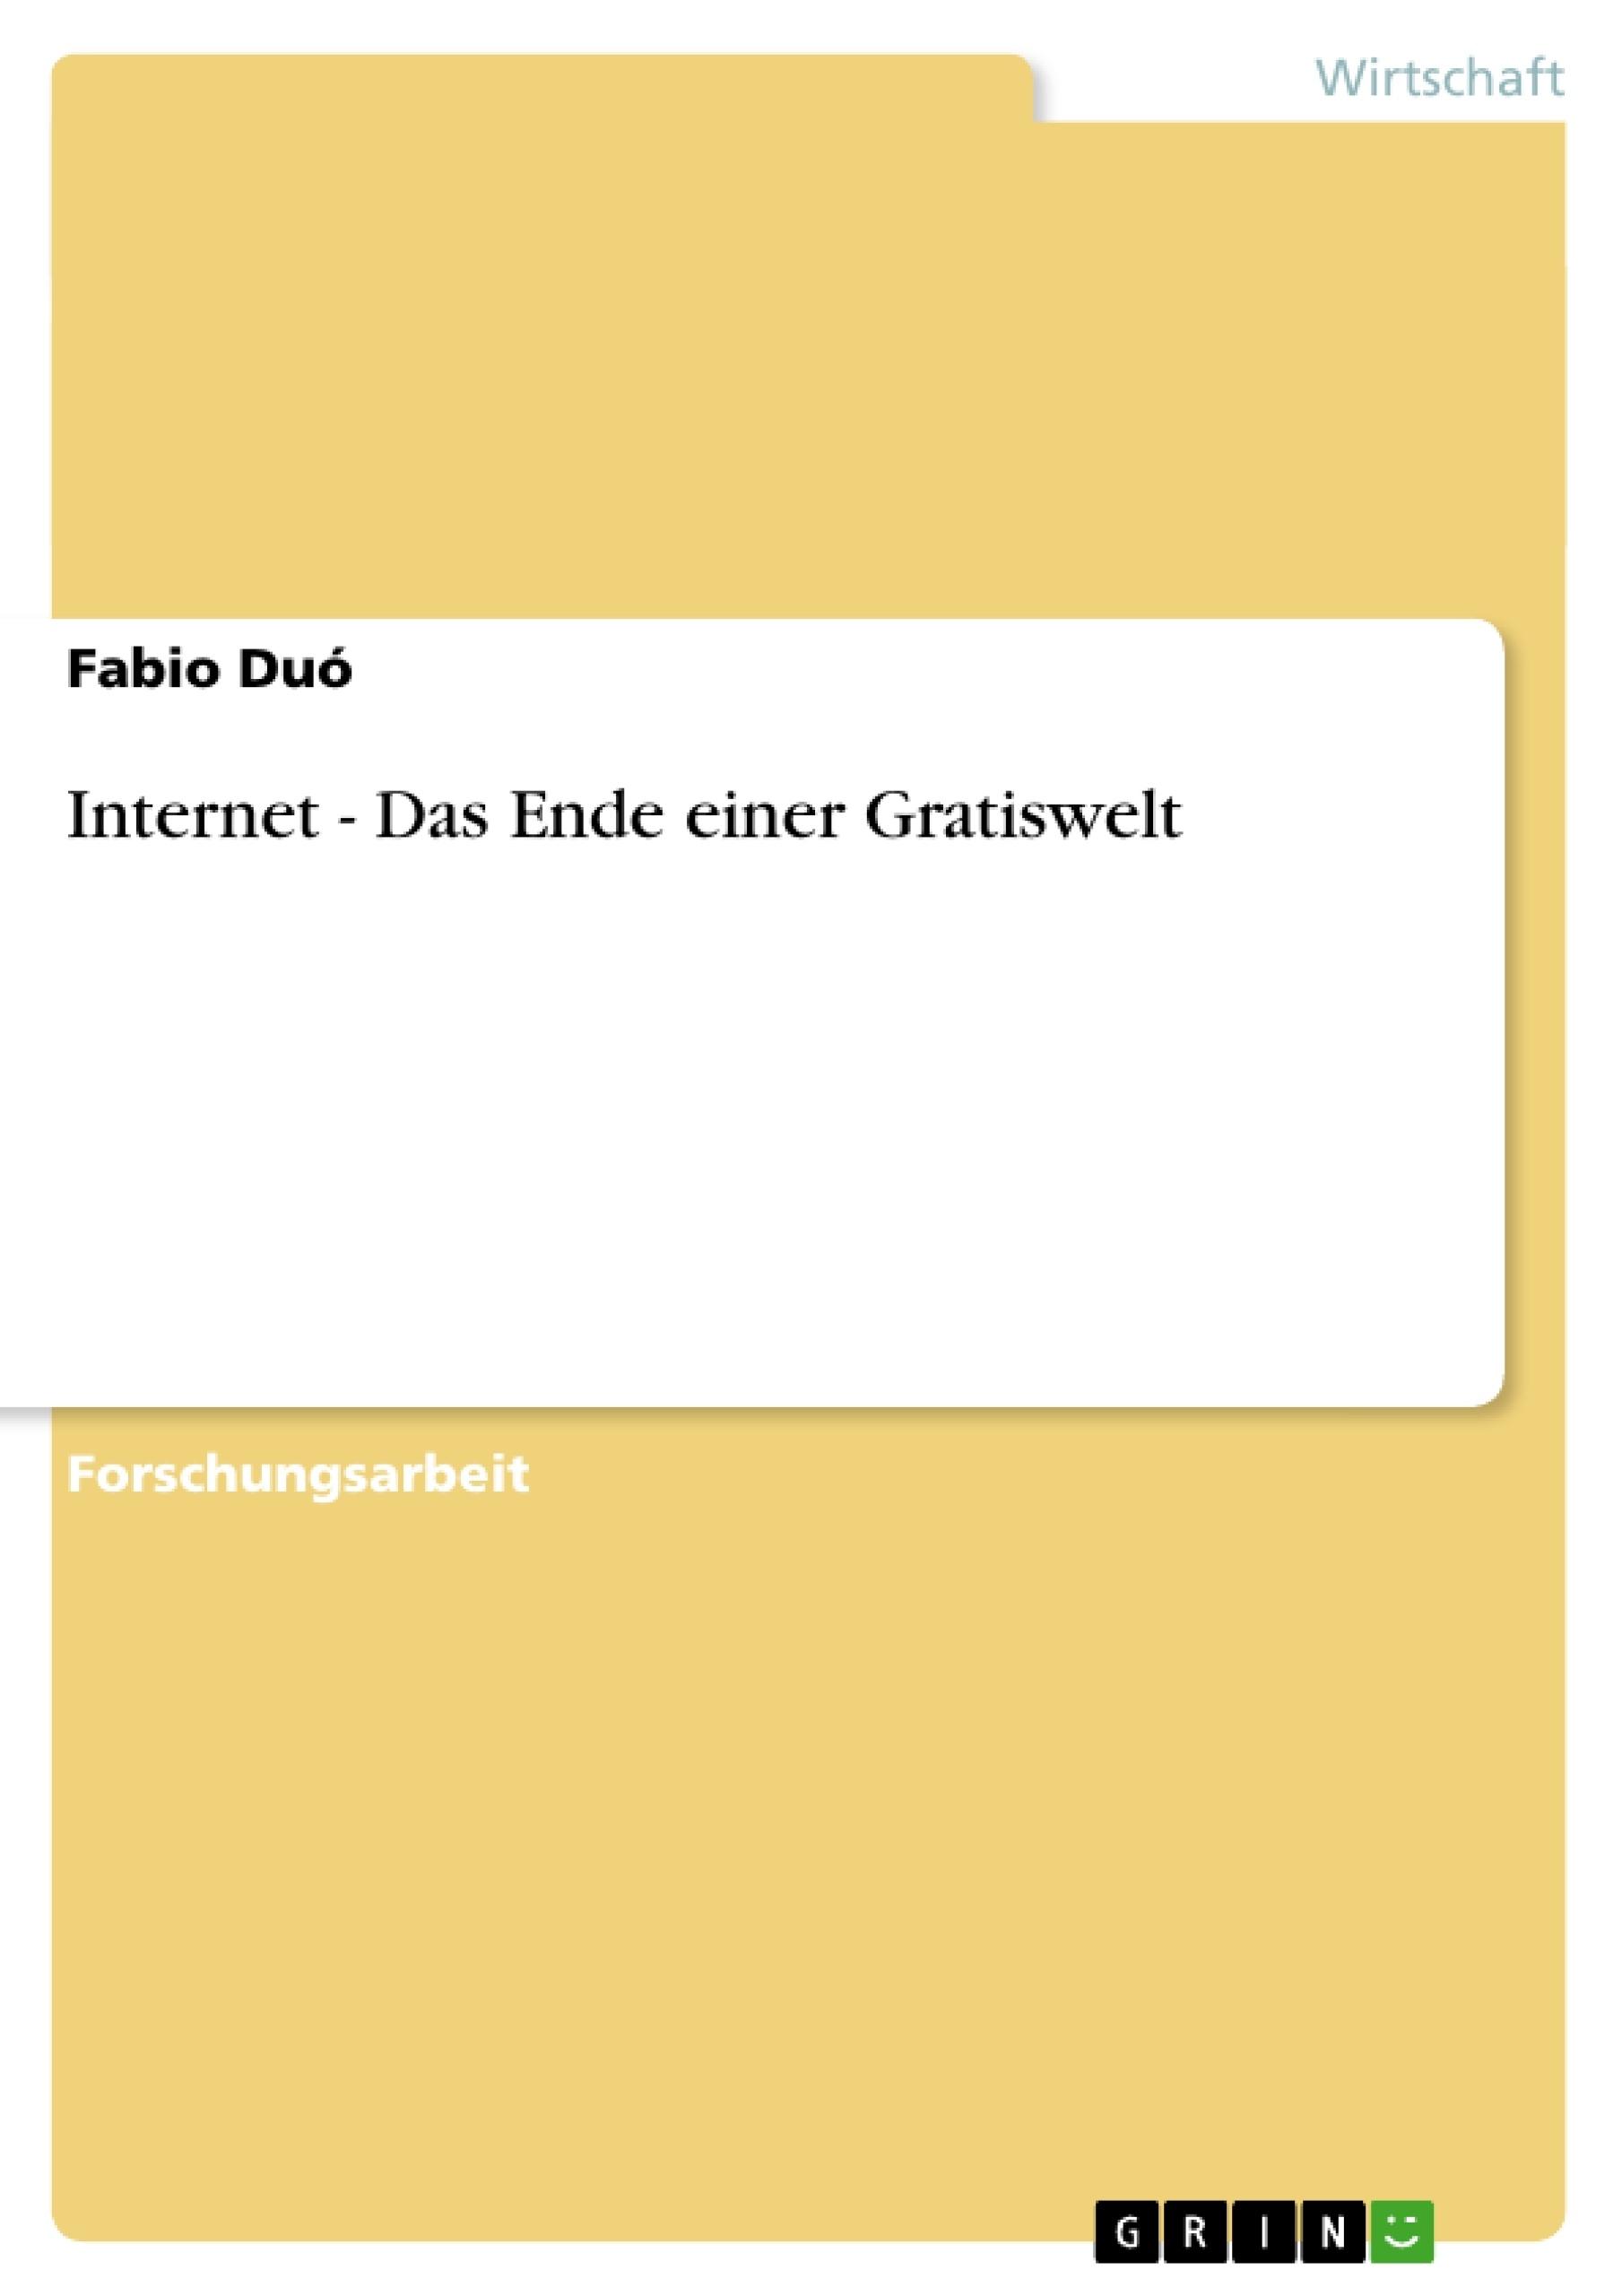 Titel: Internet - Das Ende einer Gratiswelt